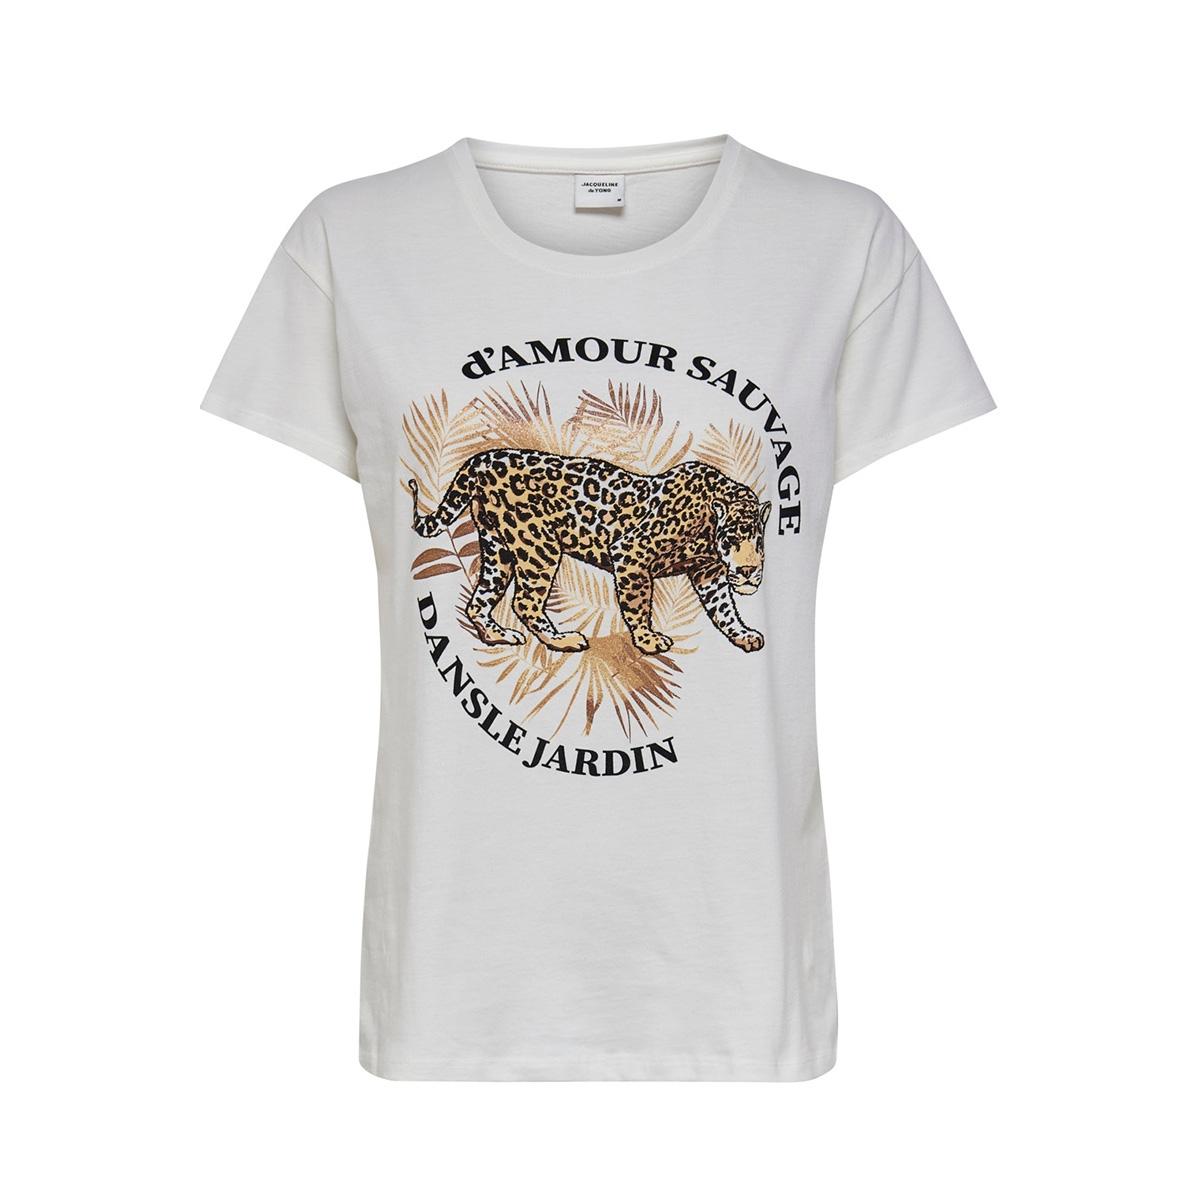 jdyglitter life s/s print top jrs 15209028 jacqueline de yong t-shirt cloud dancer/leo